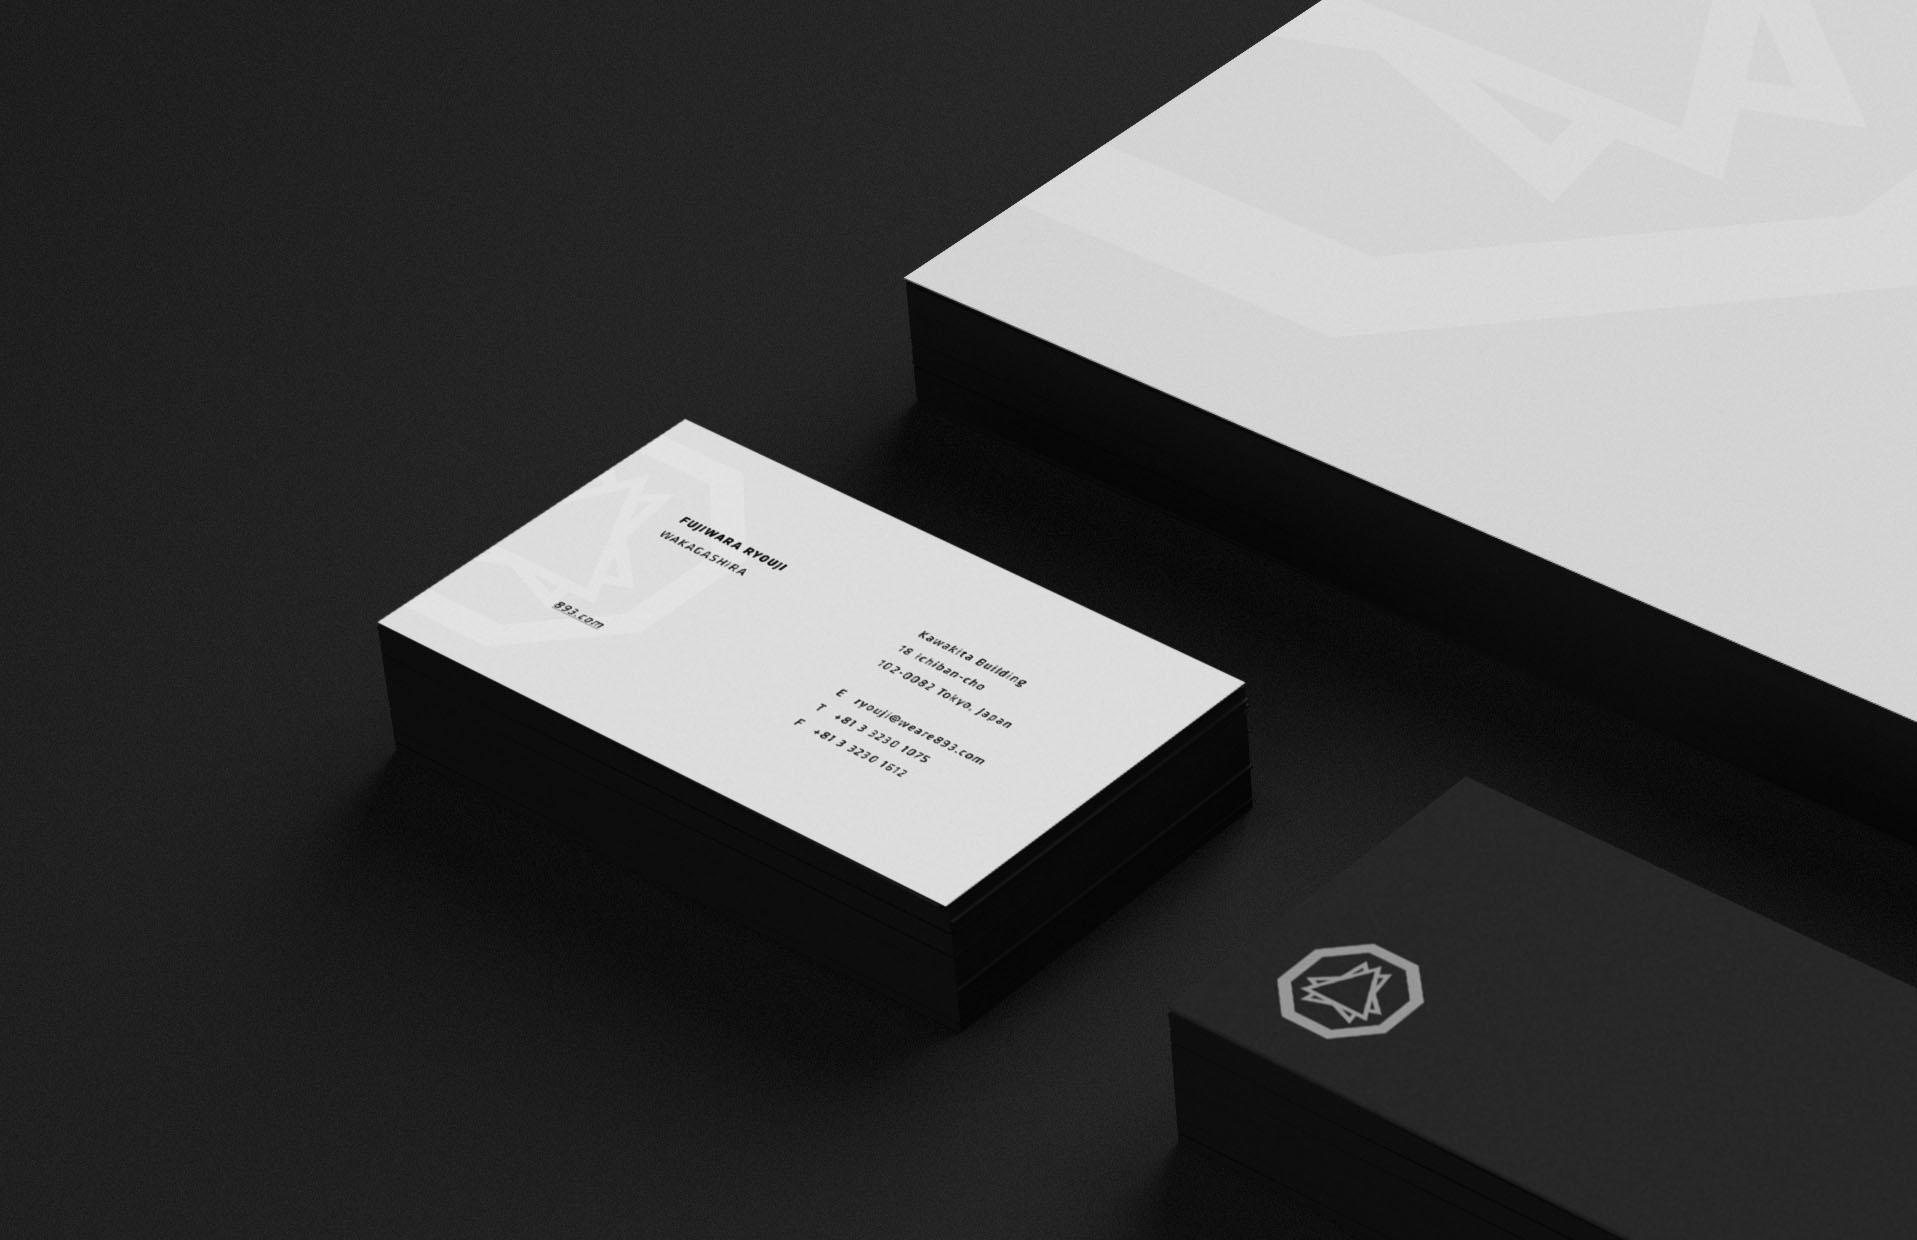 letterhead_biz-cards_cropped_v1.jpg